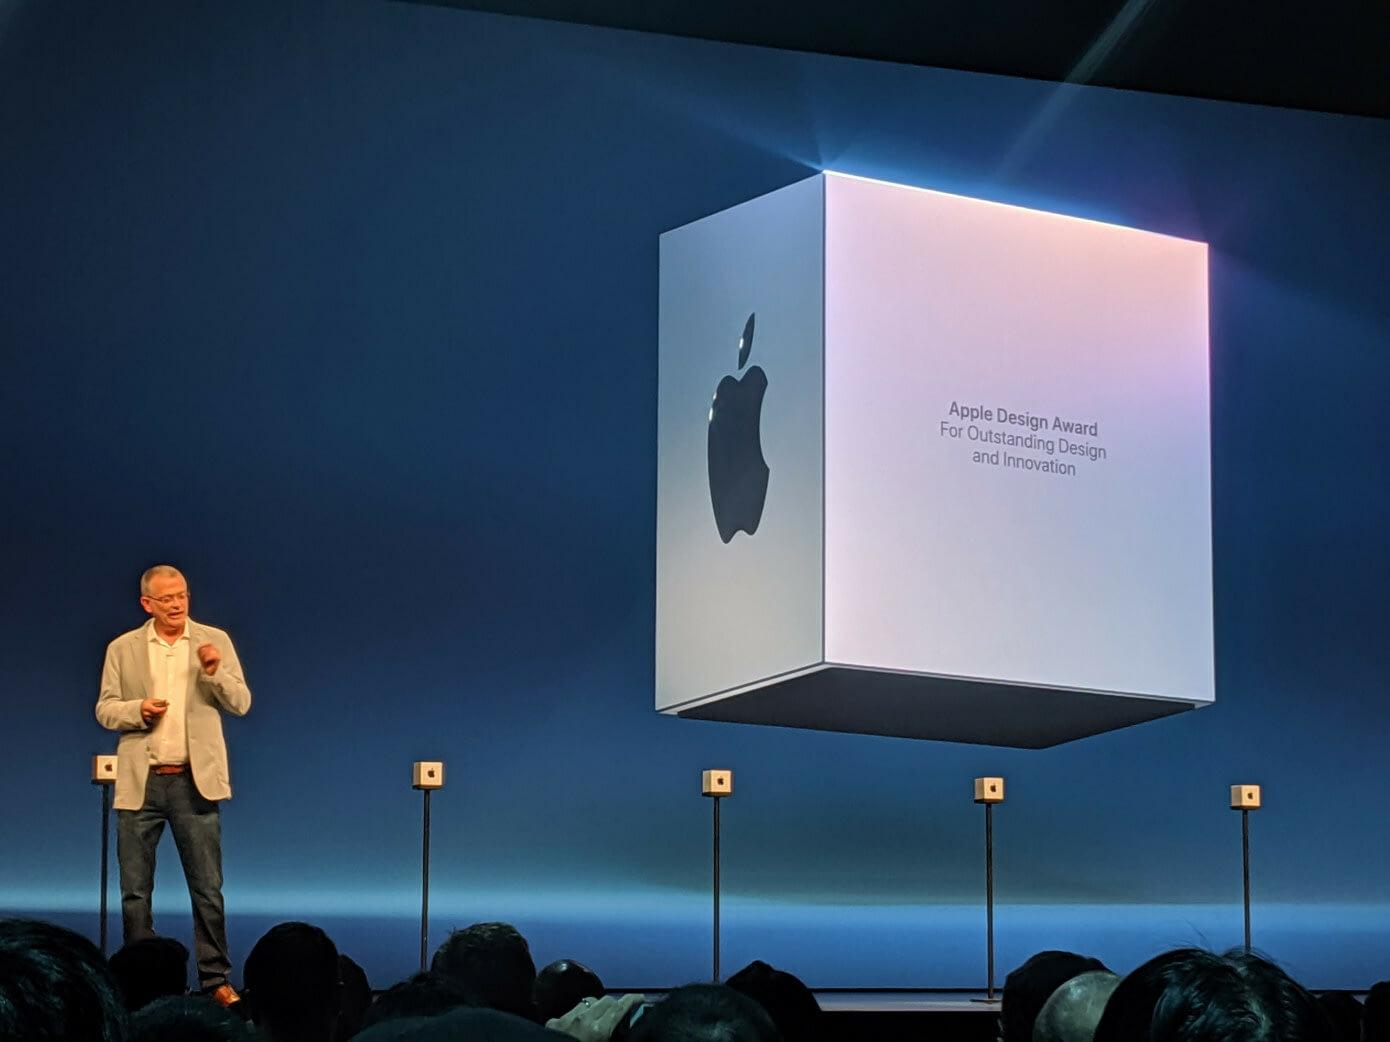 Apple назвав ТОП-9 додатків з найкращим дизайном (ФОТО)